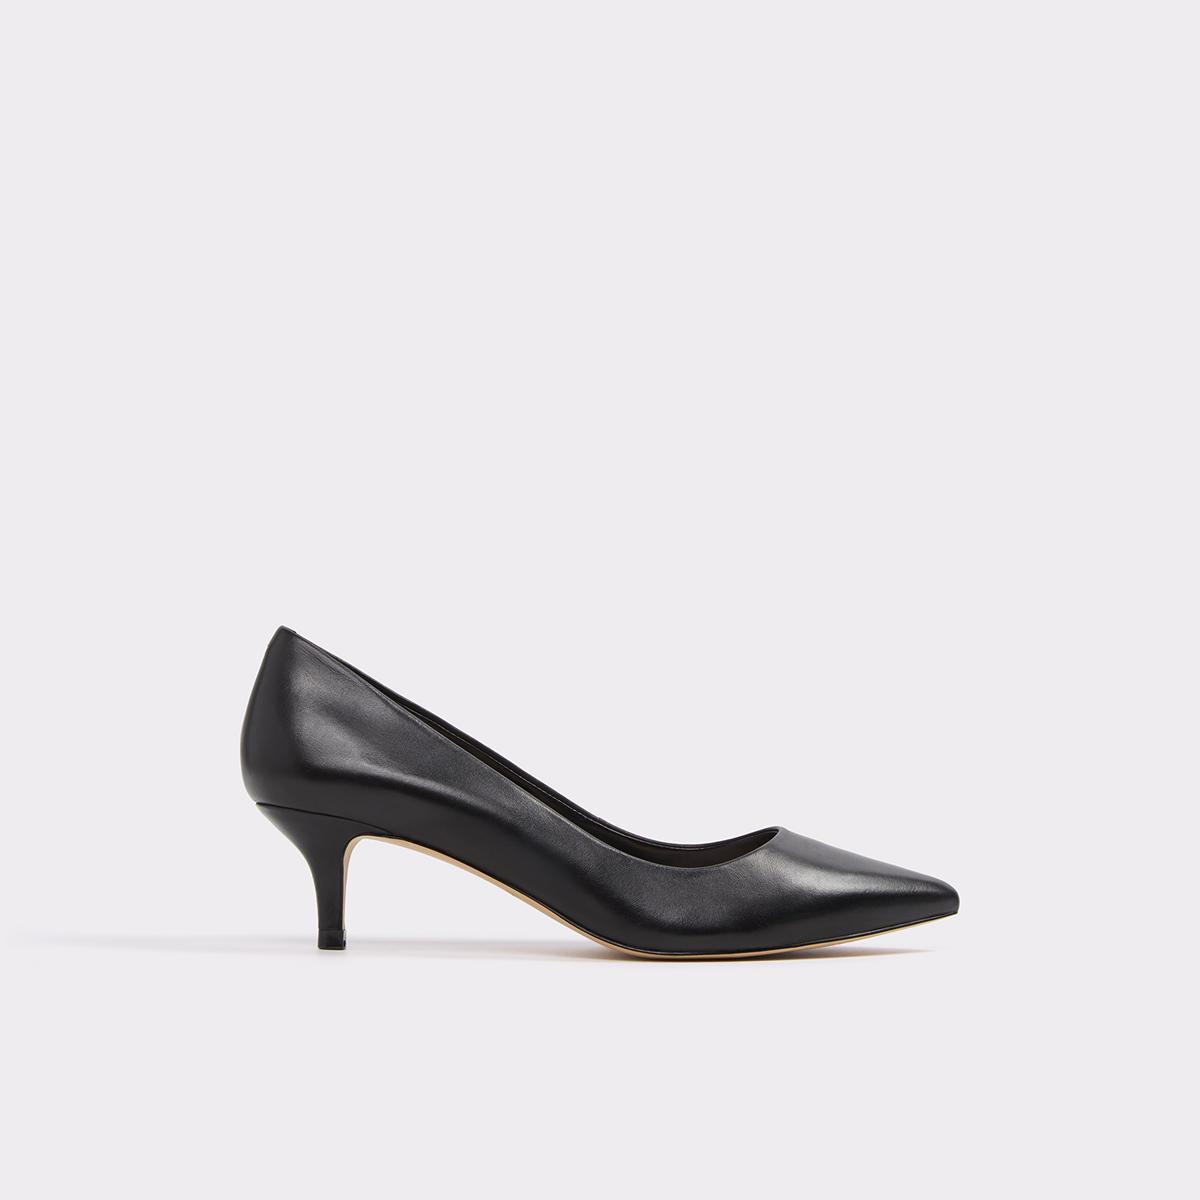 270ca7e7552 Sieria  Black Women s Low-mid heels